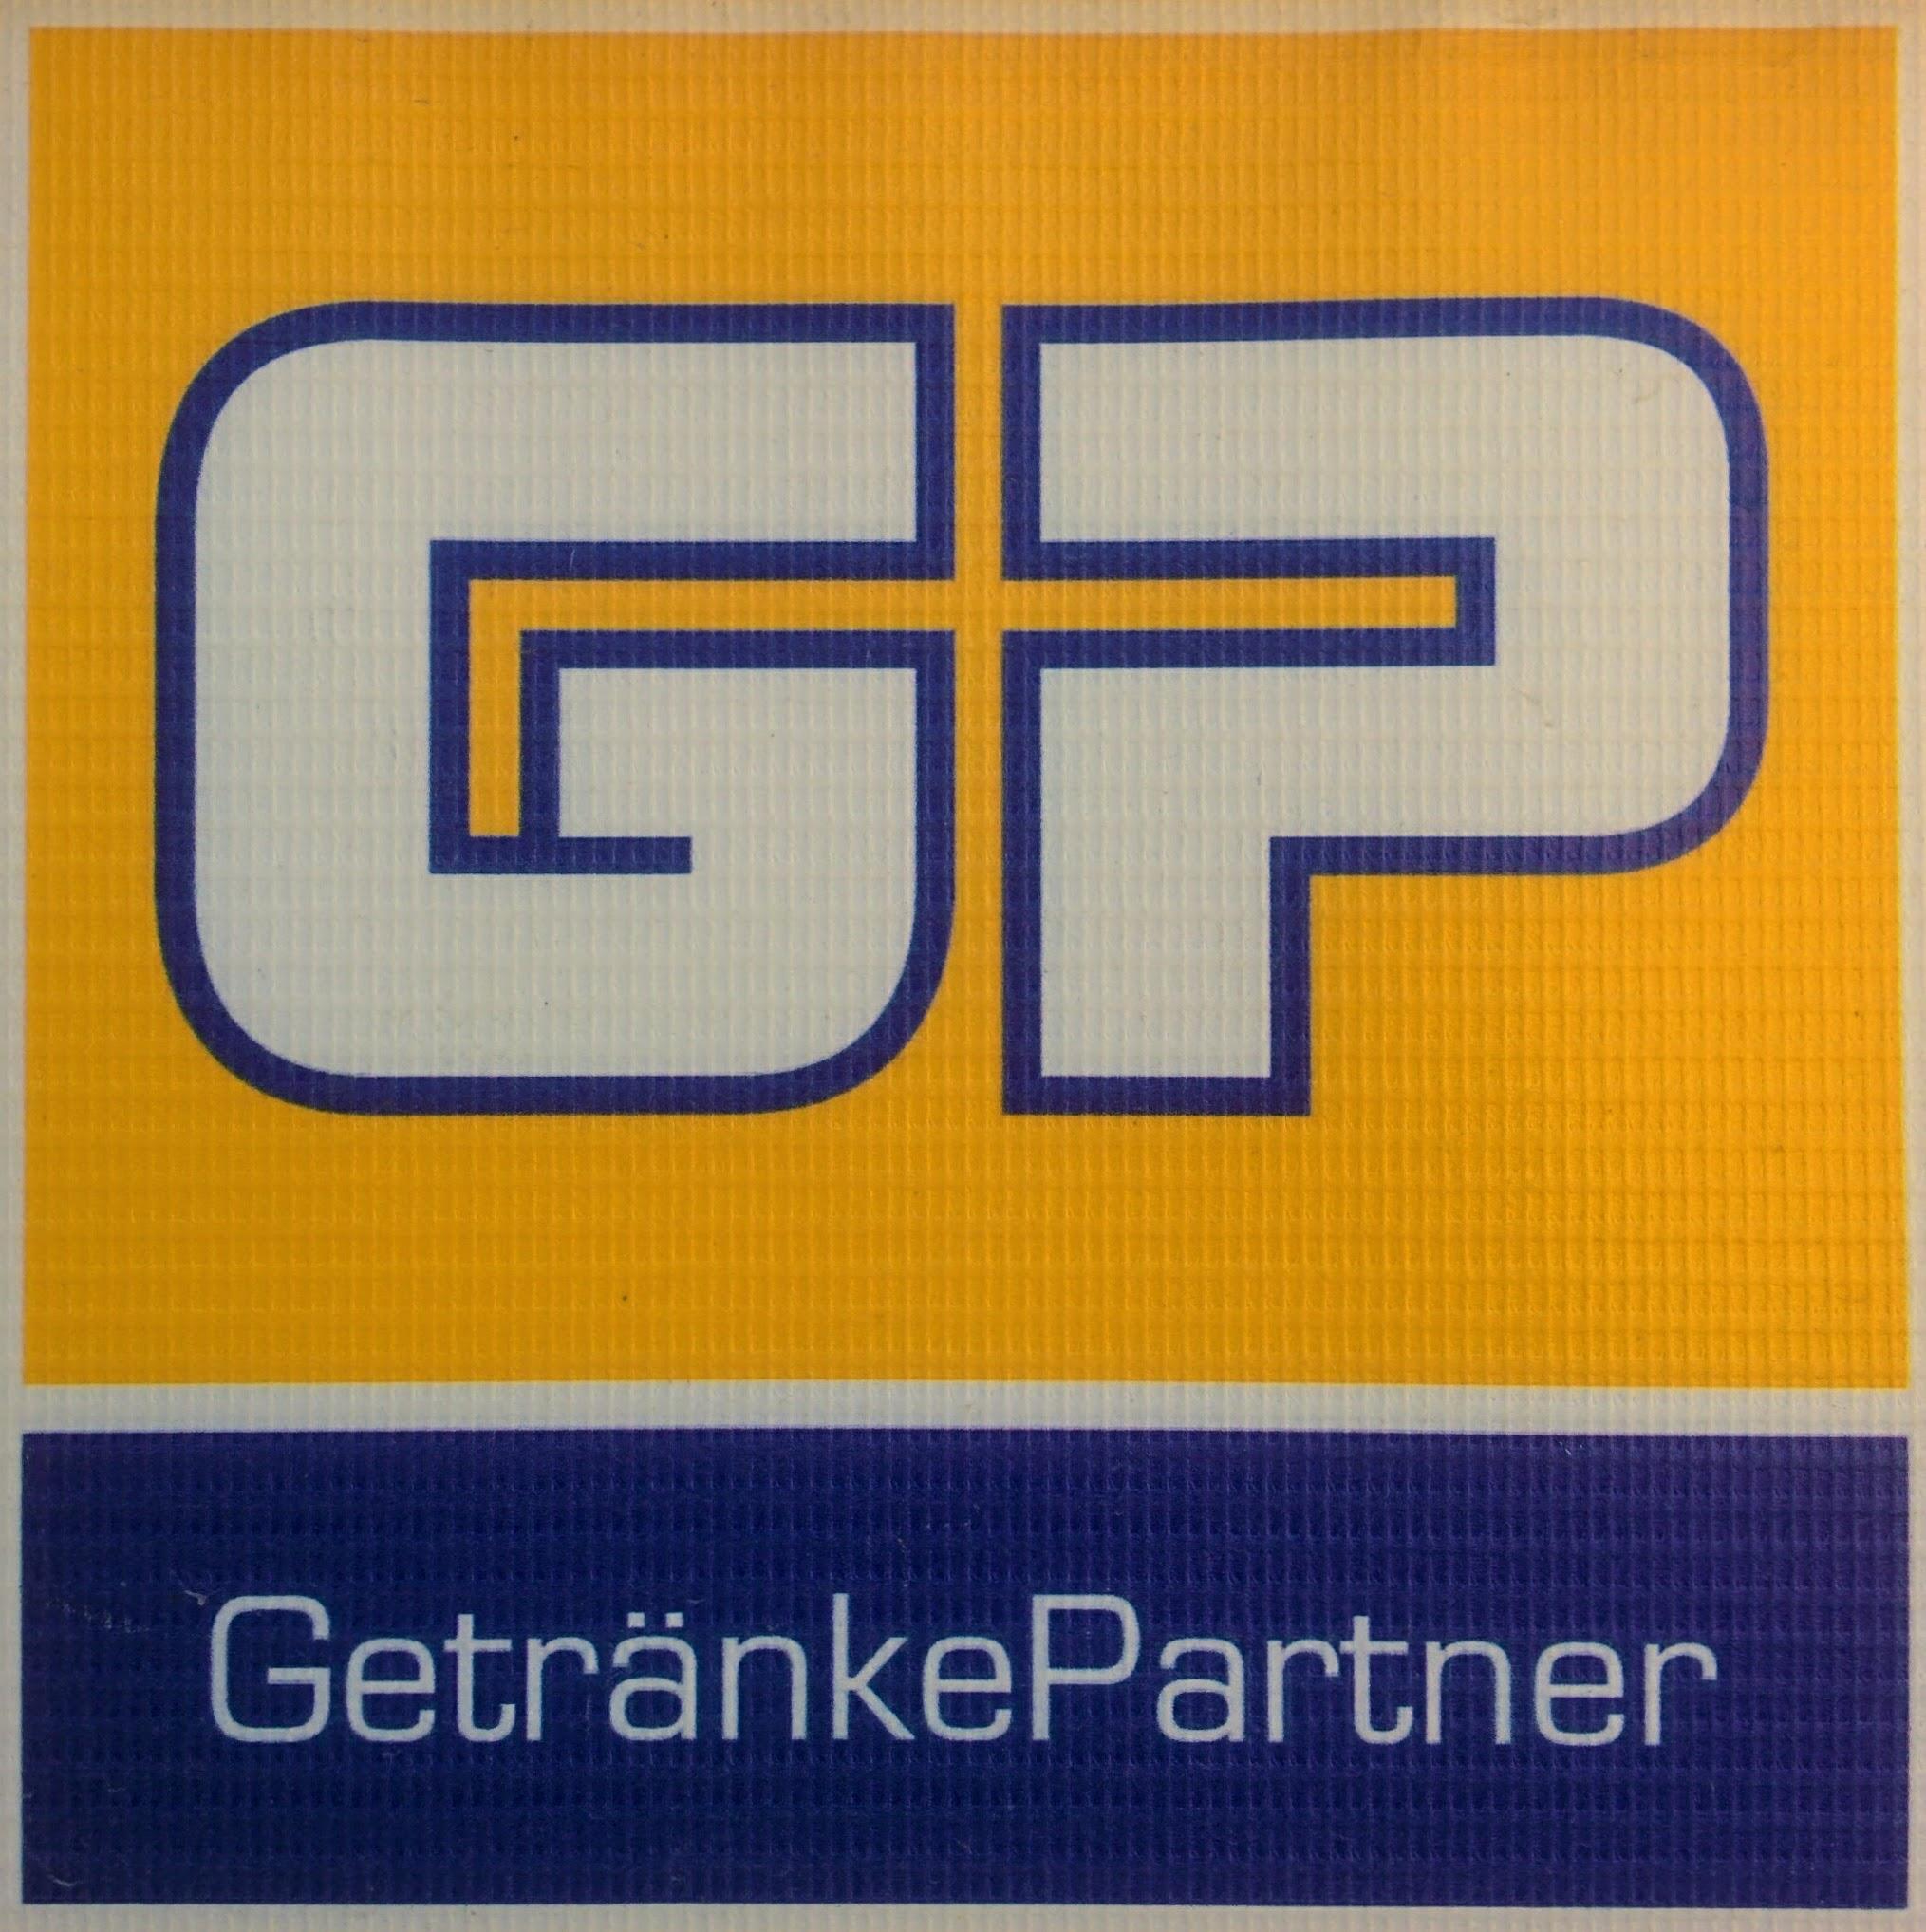 GP Getränkepartner.jpg